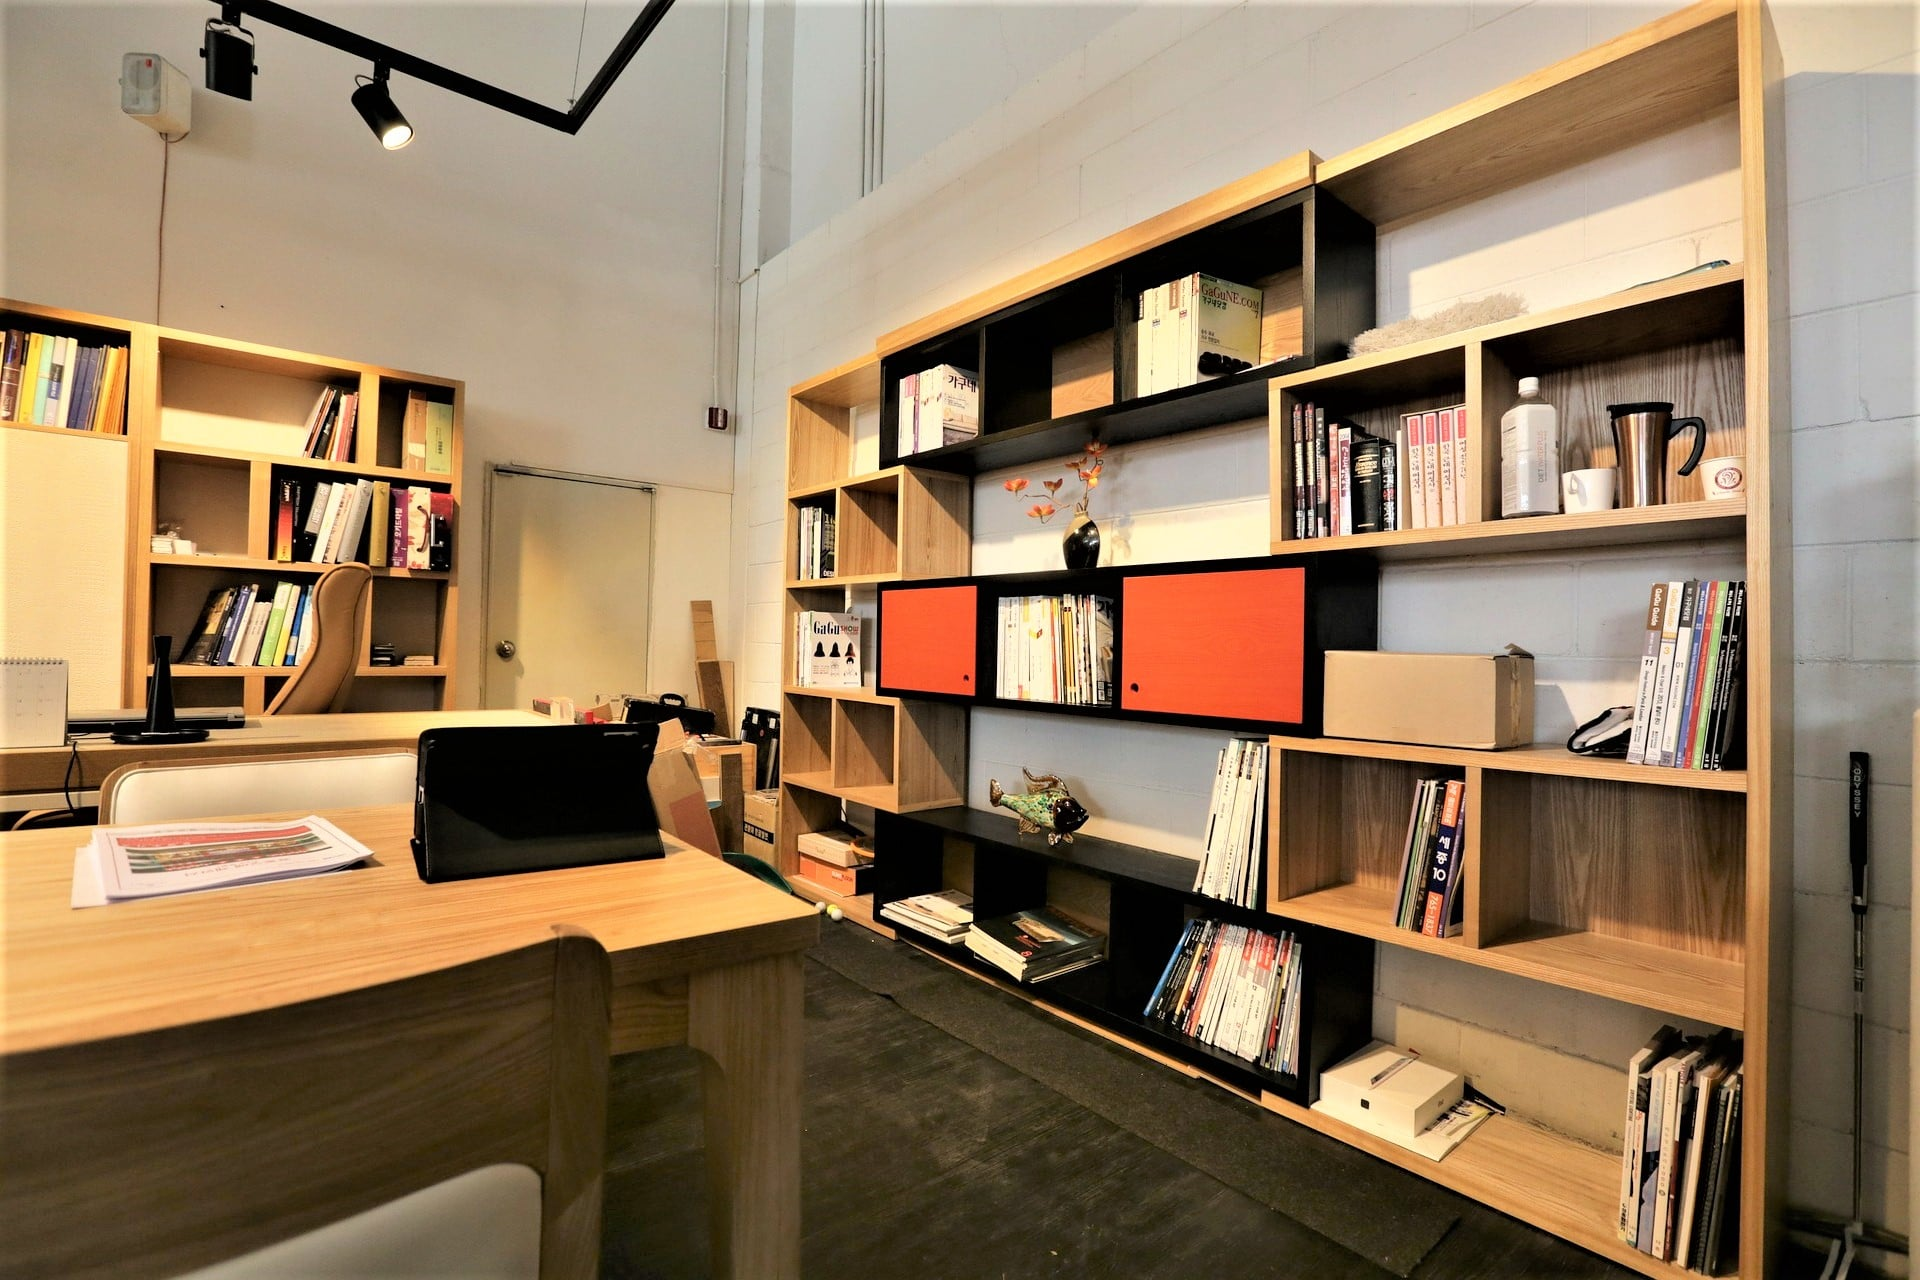 mueble de tv de estantería